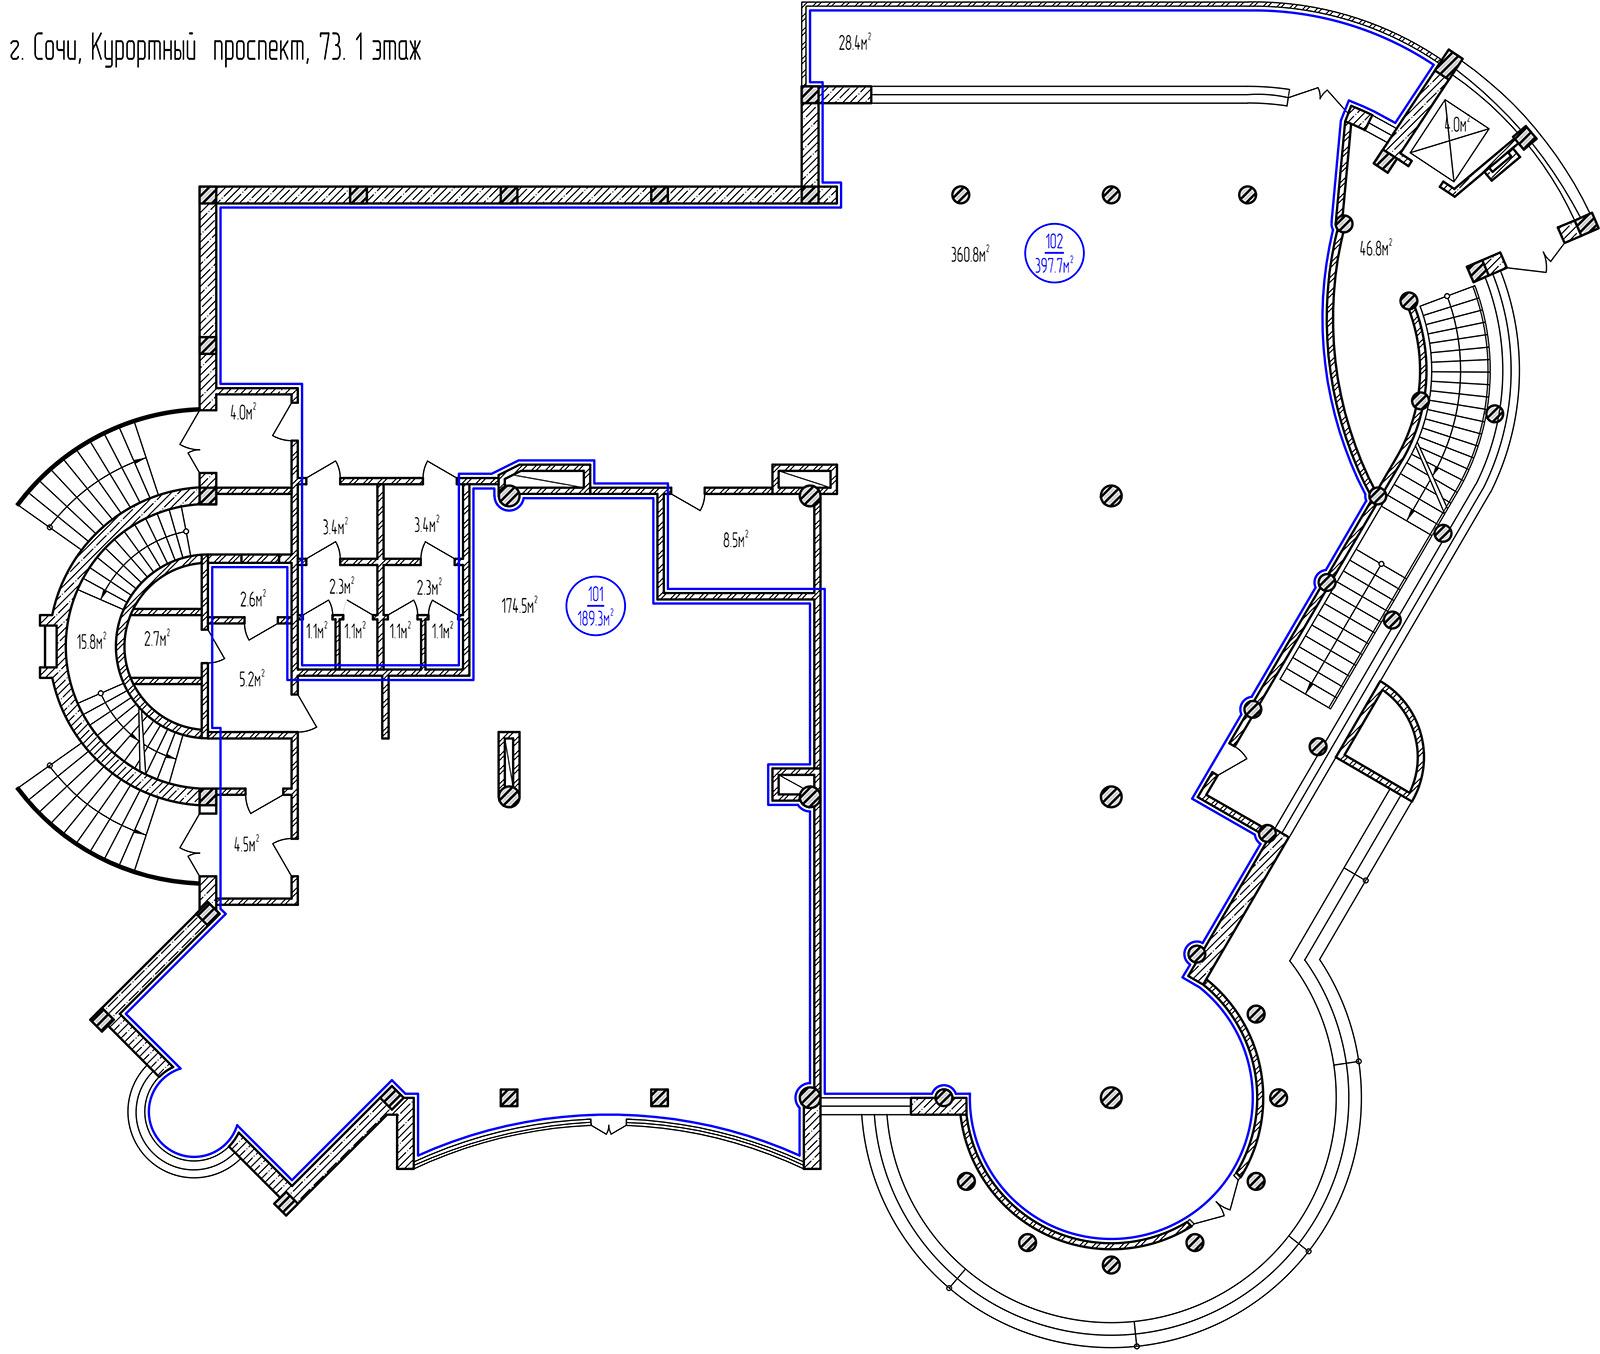 Планировка: этаж 1